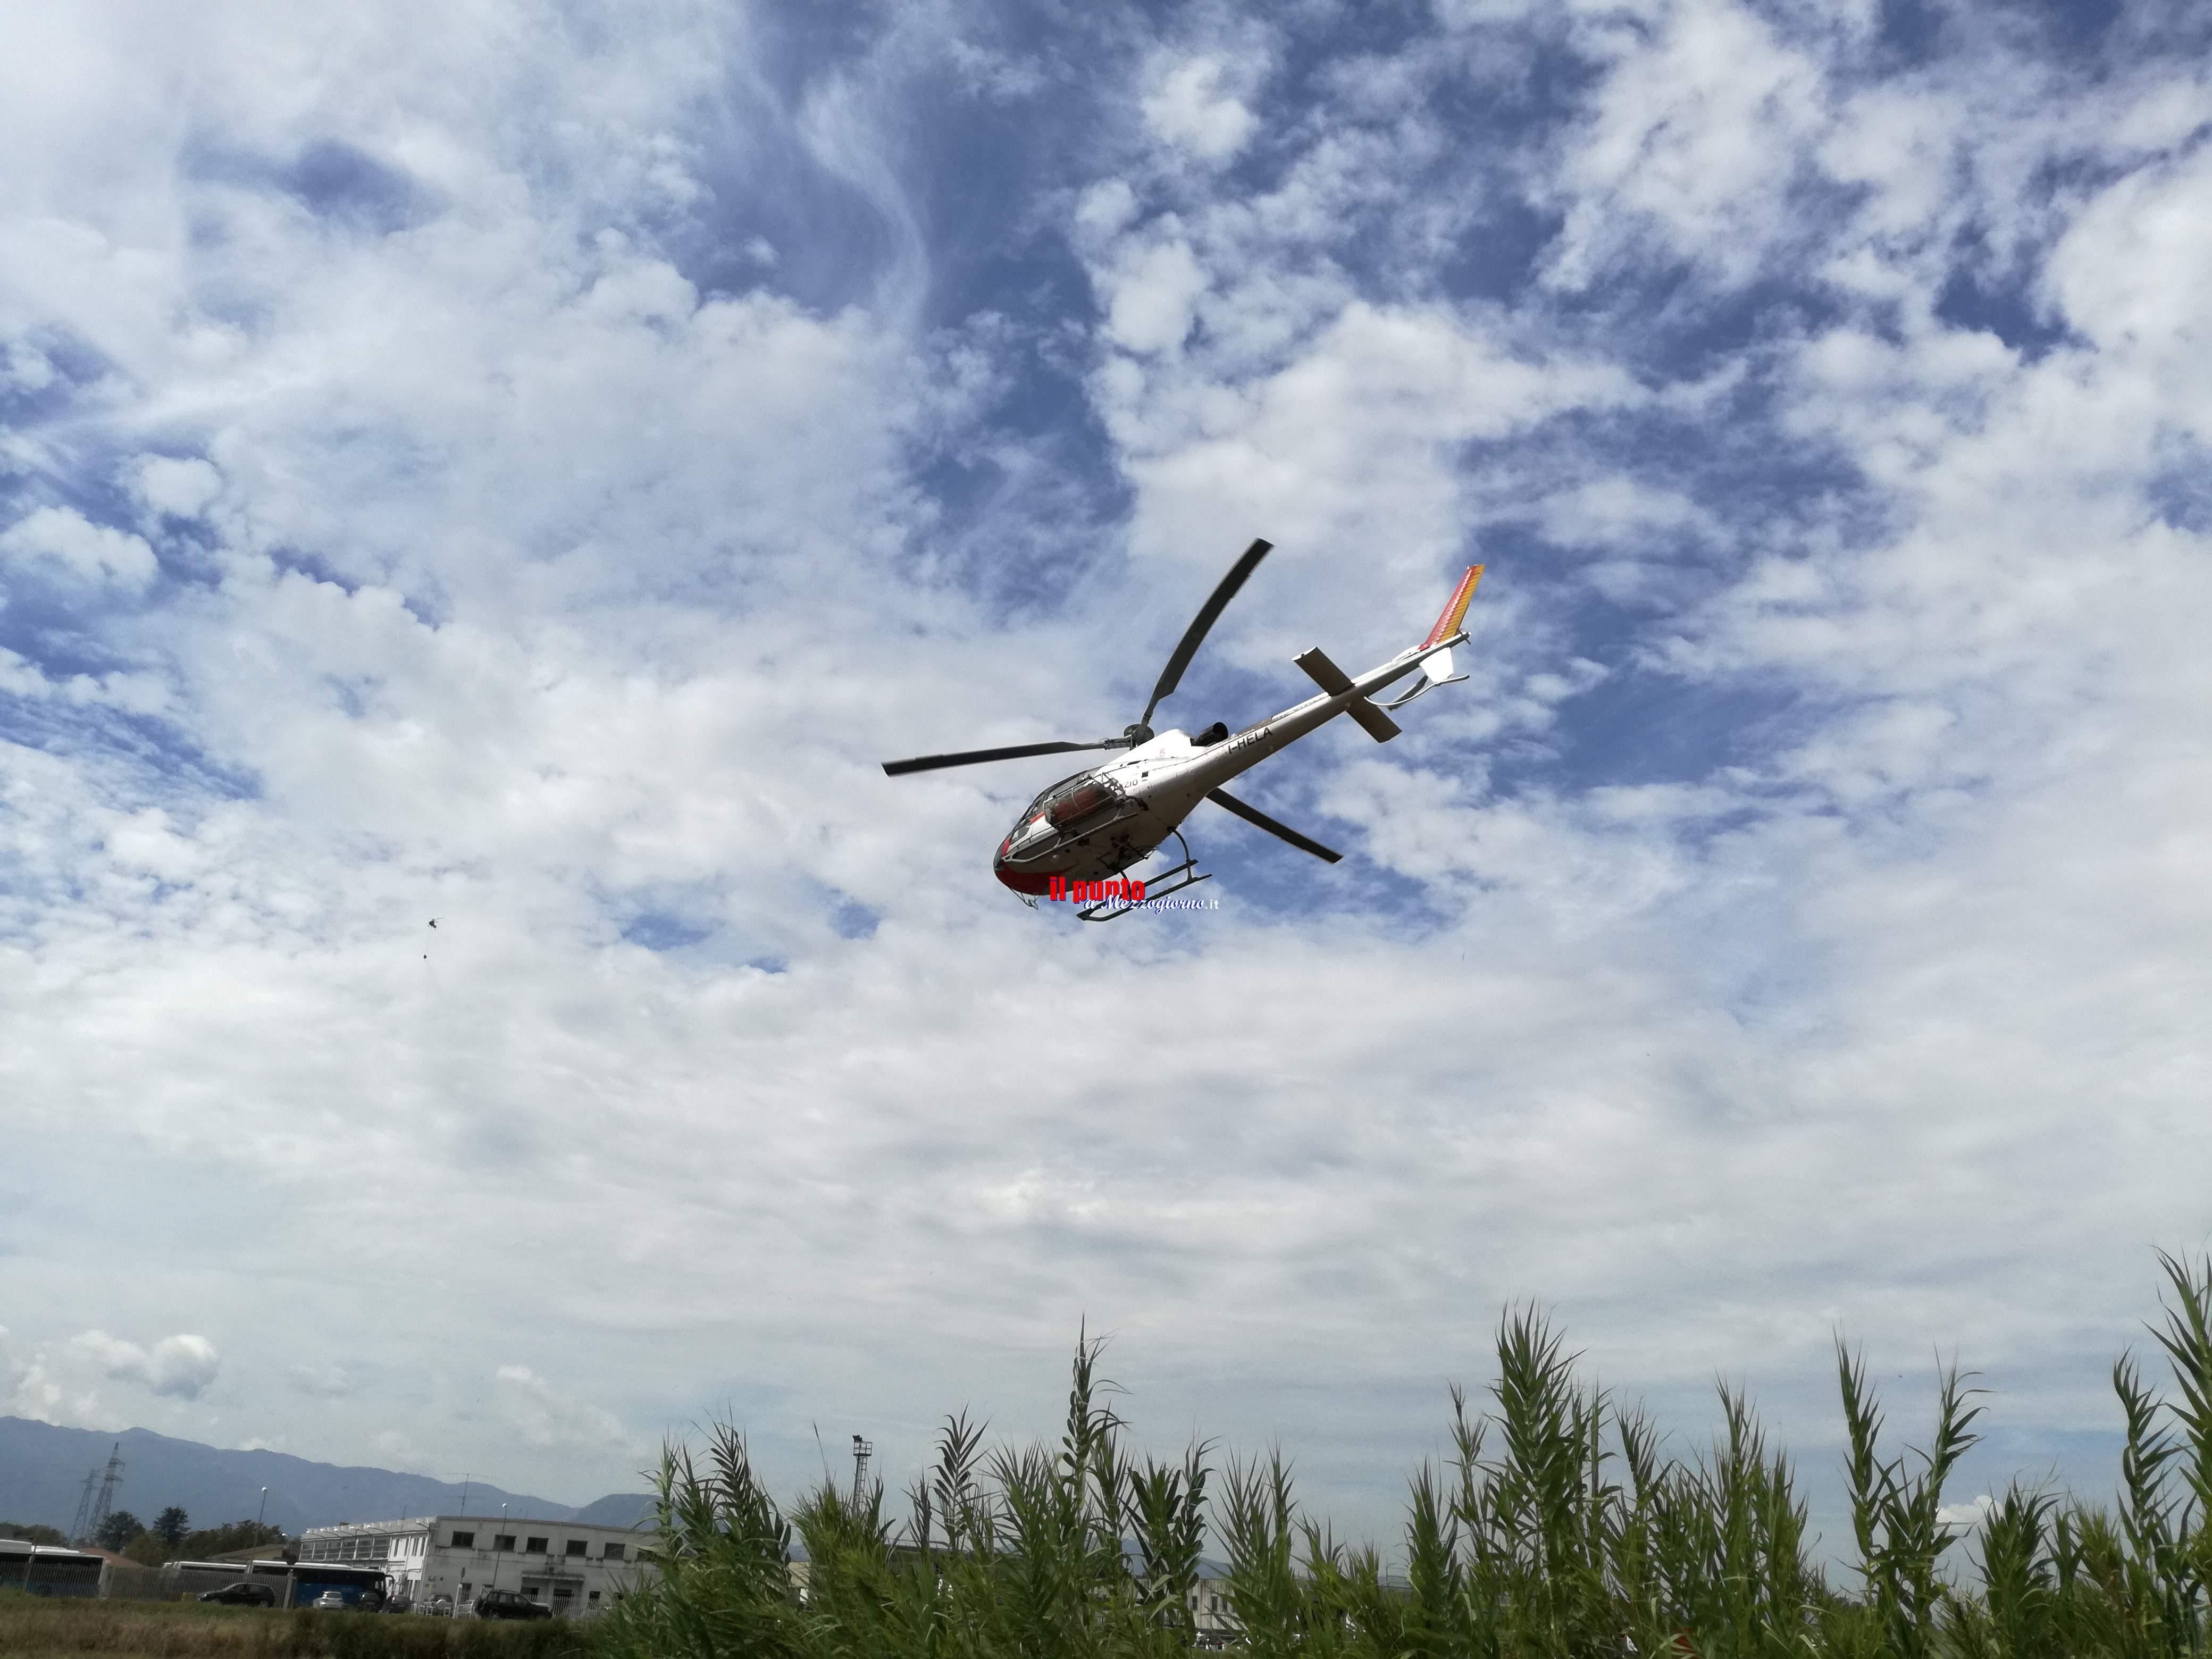 Villa Santa Lucia- Incendio nella parte montana, elicottero e canadair a lavoro per domare le fiamme